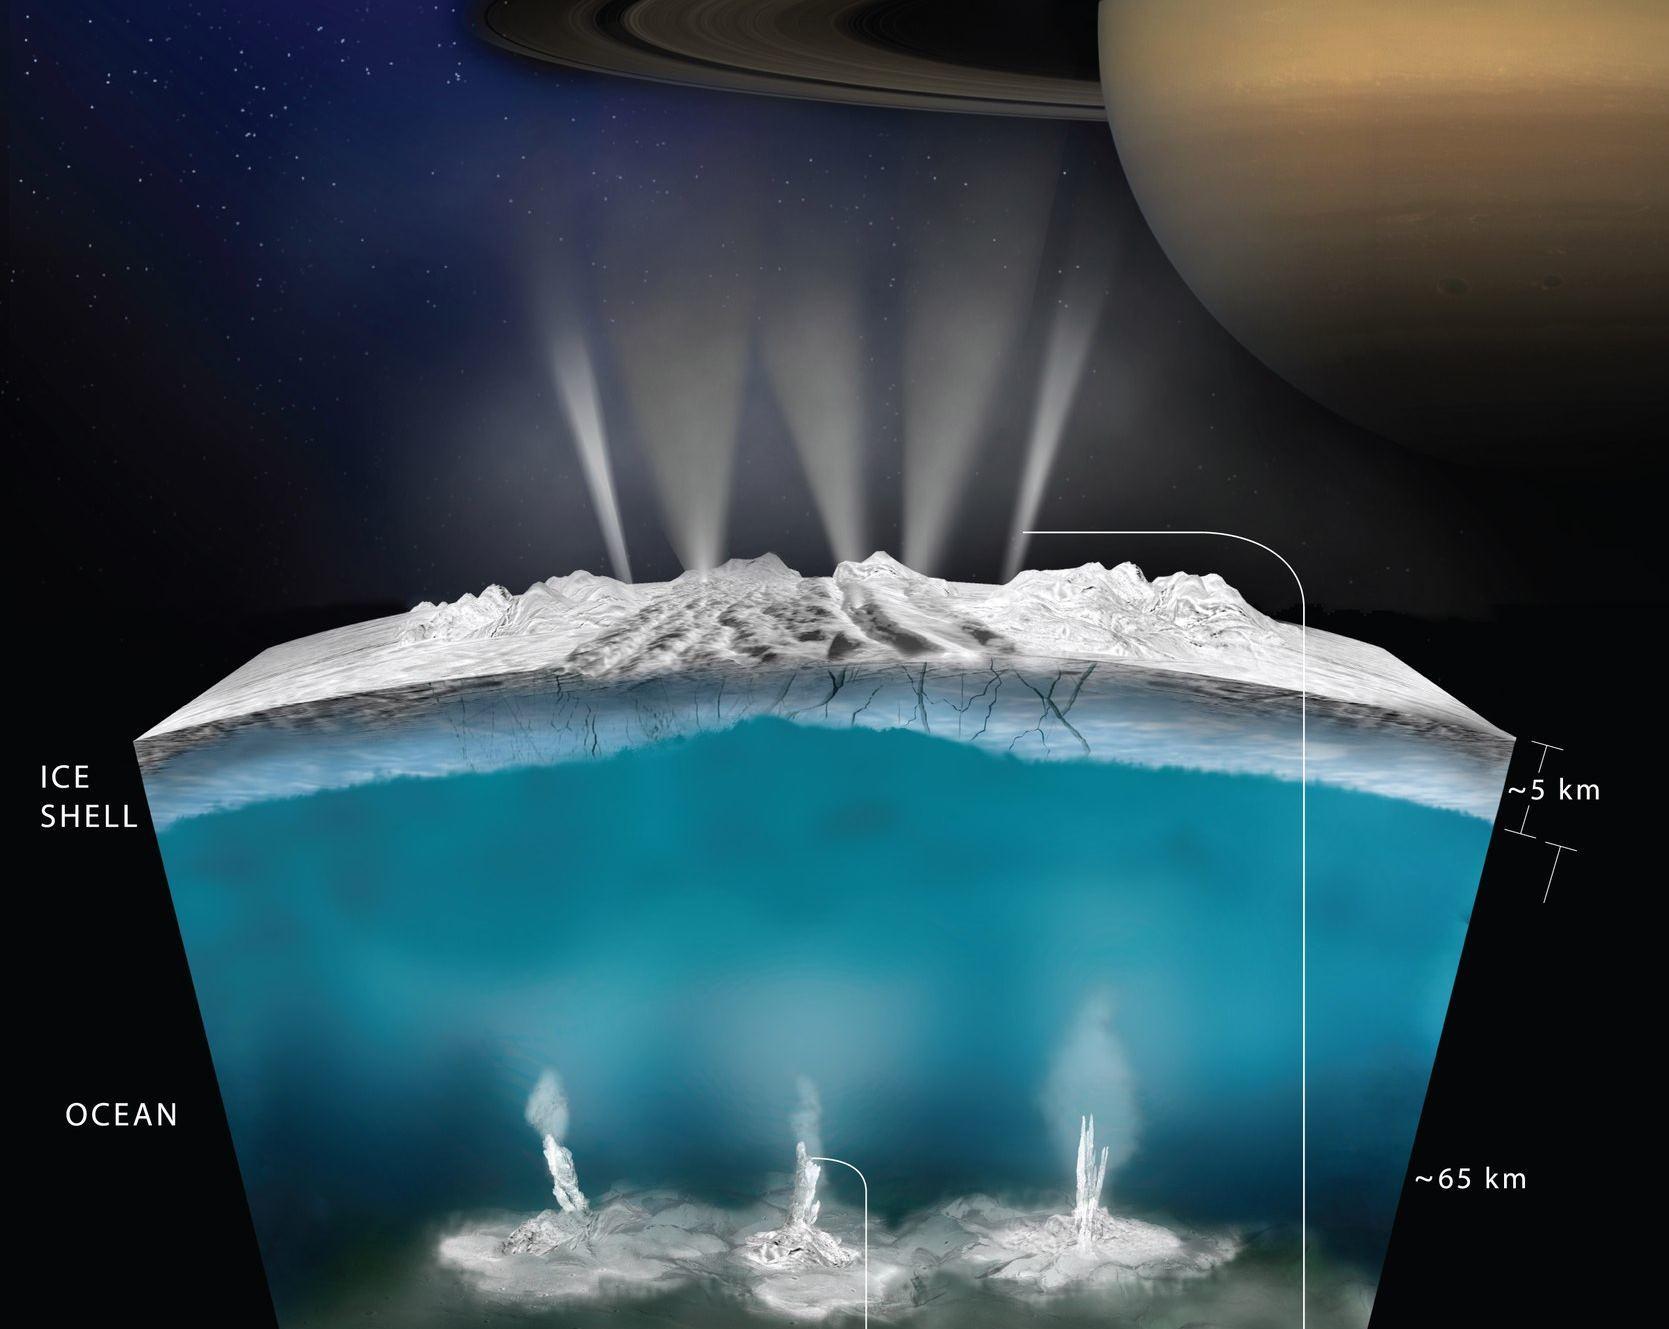 НАСА: на Энцеладе есть все условия для зарождения и поддержания жизни - 1